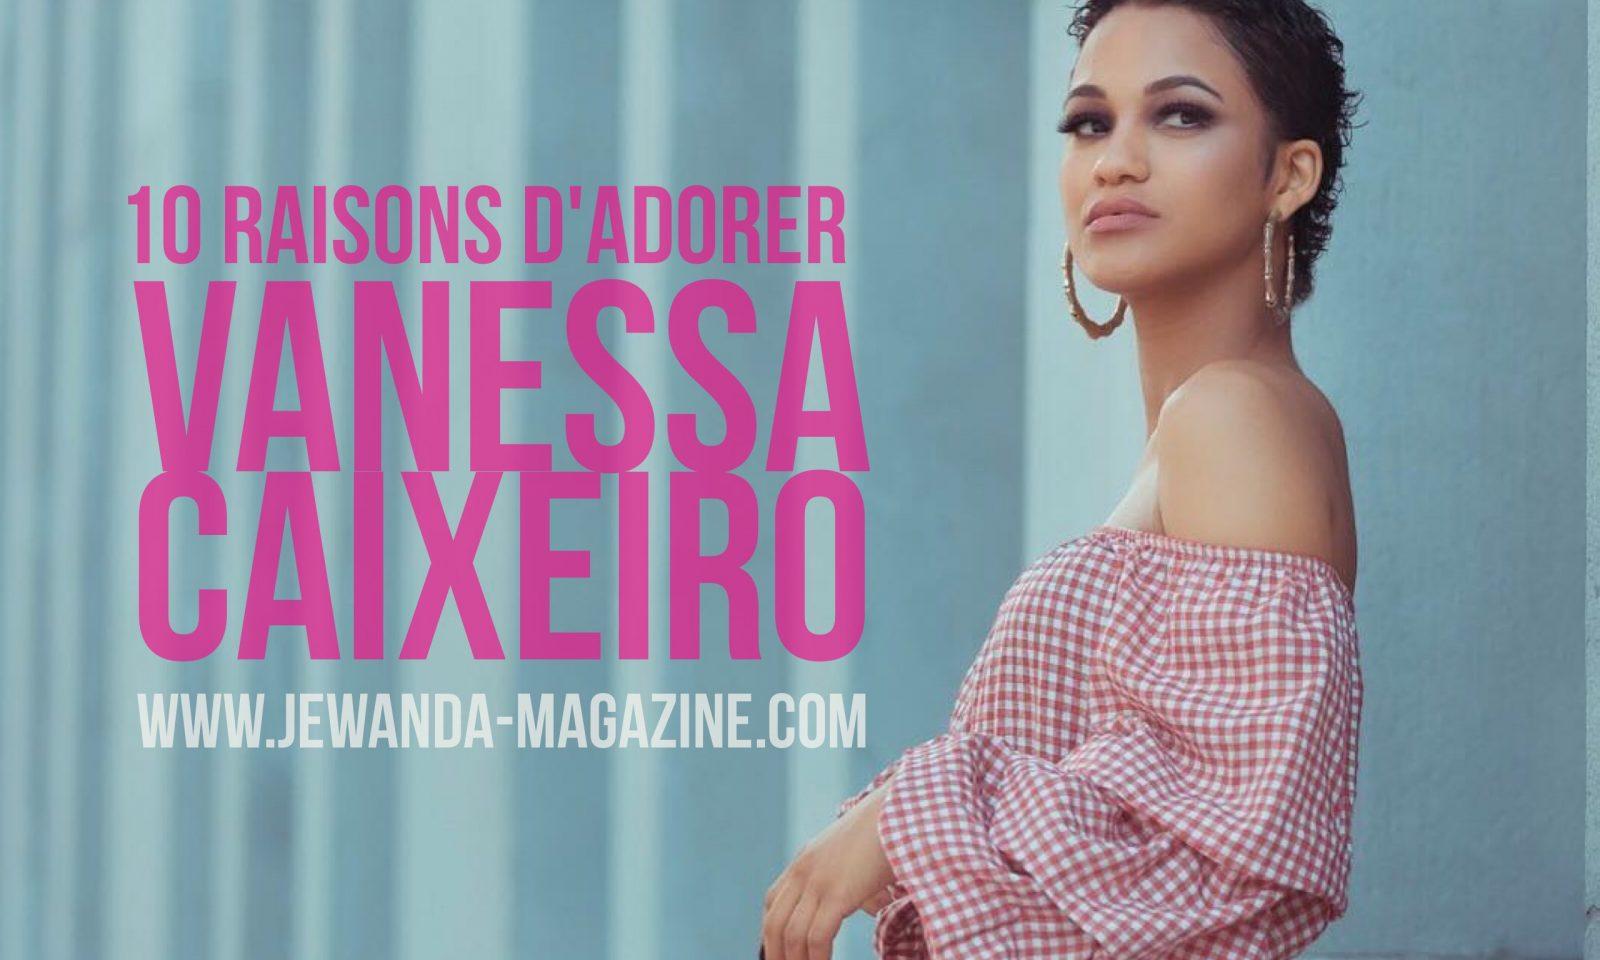 cover-10-raisons-adorer-vanessa-caixeiro-jewanda